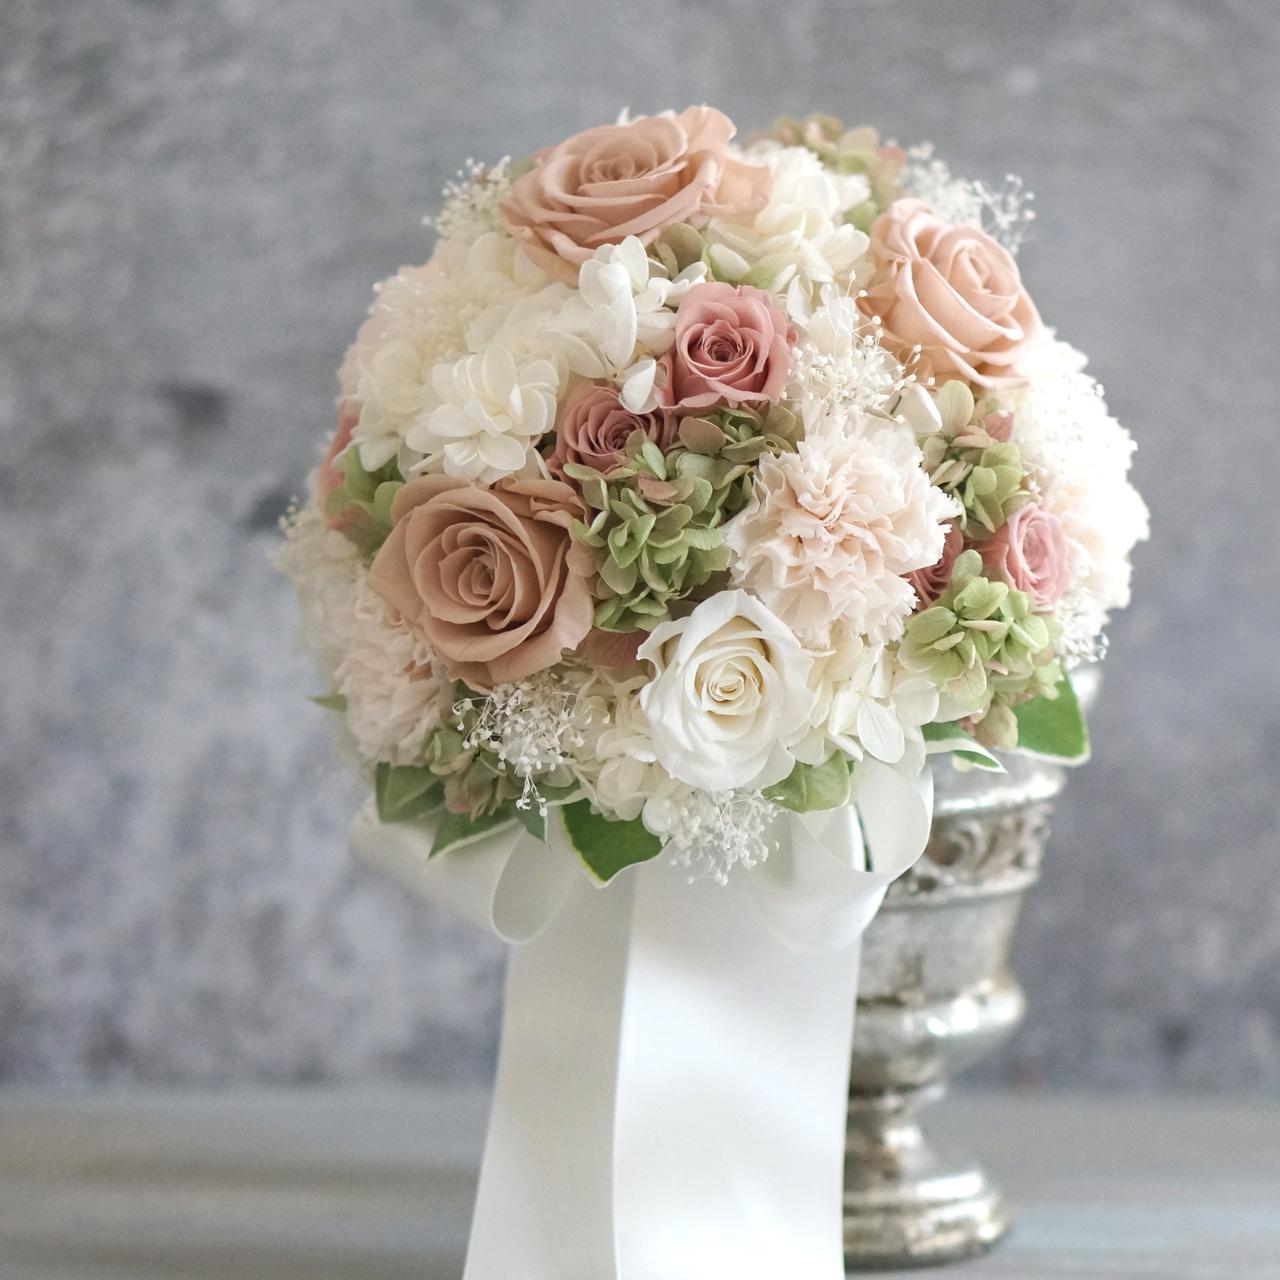 【3点セット】白とヌードピンク20cmウェディングブーケ+ブトニア+花冠